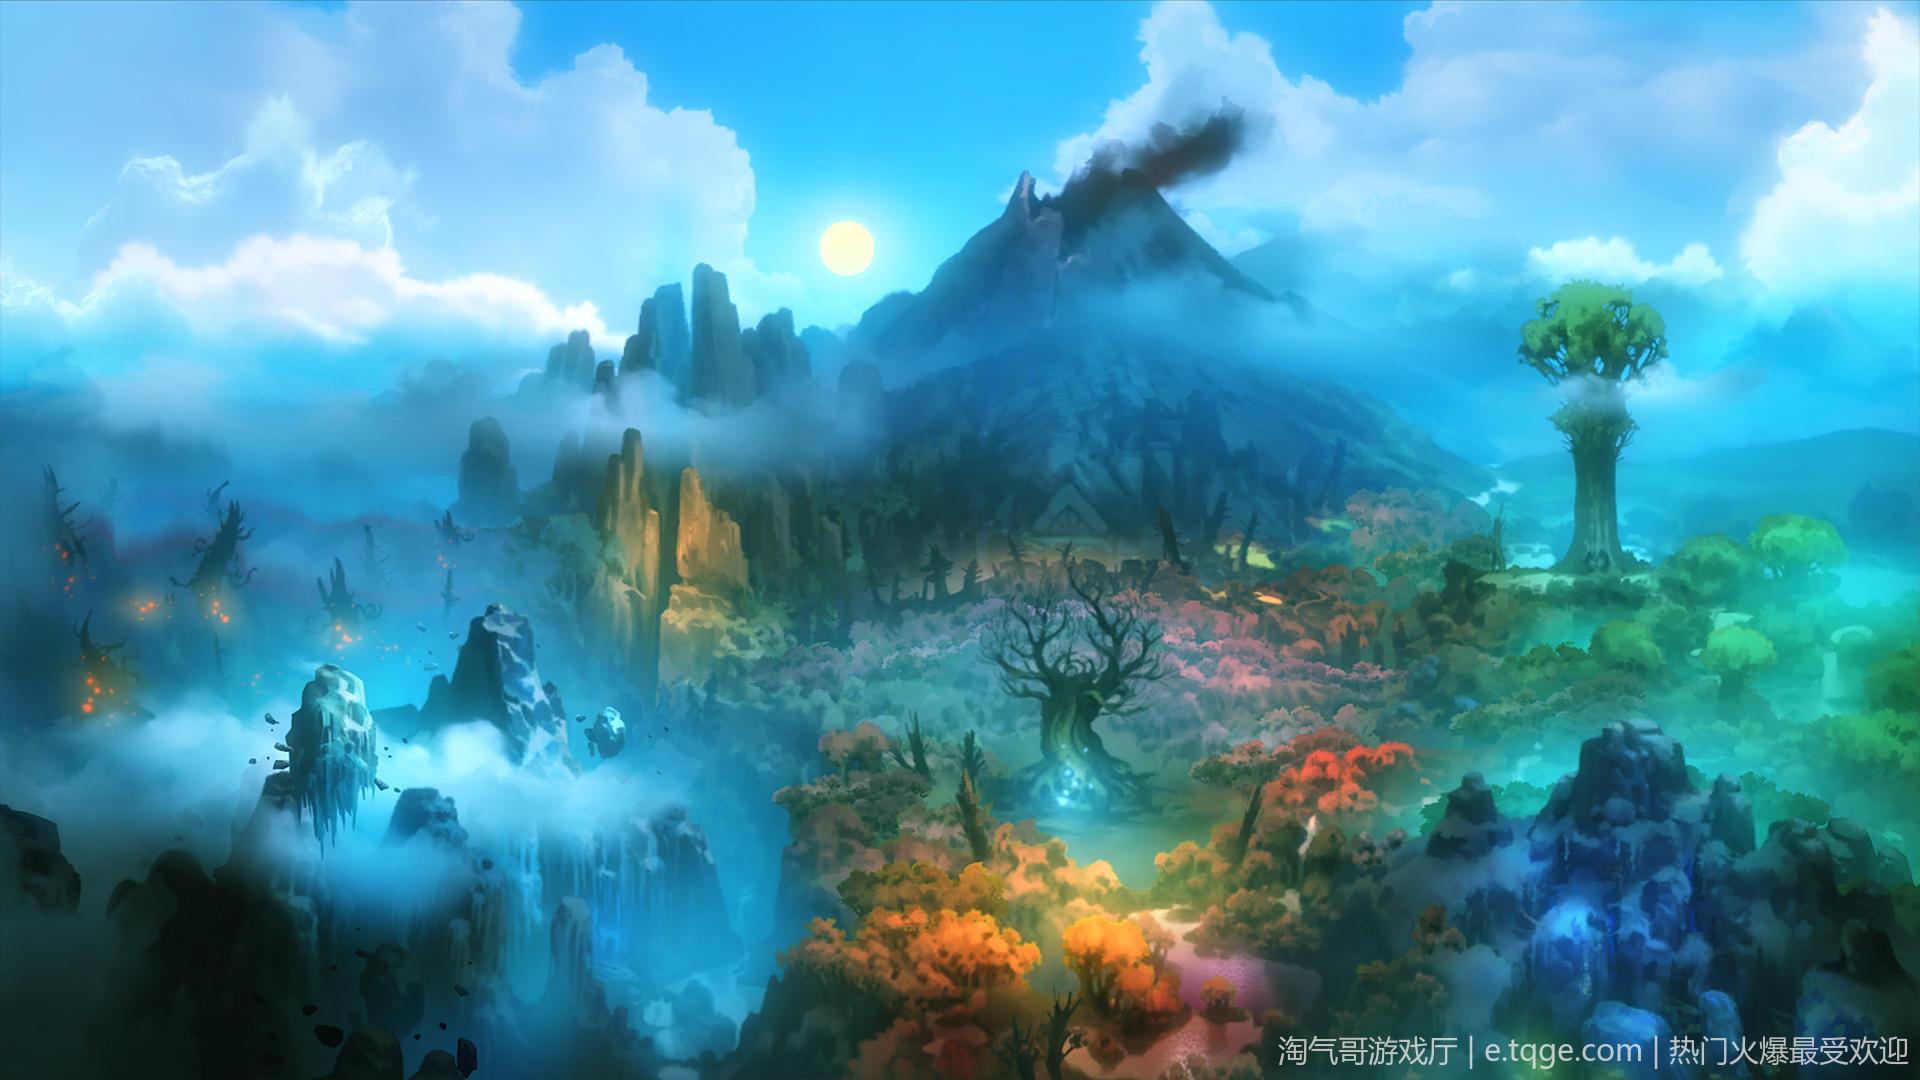 奥日与黑暗森林:终极版/精灵与黑暗森林 动作冒险 第6张